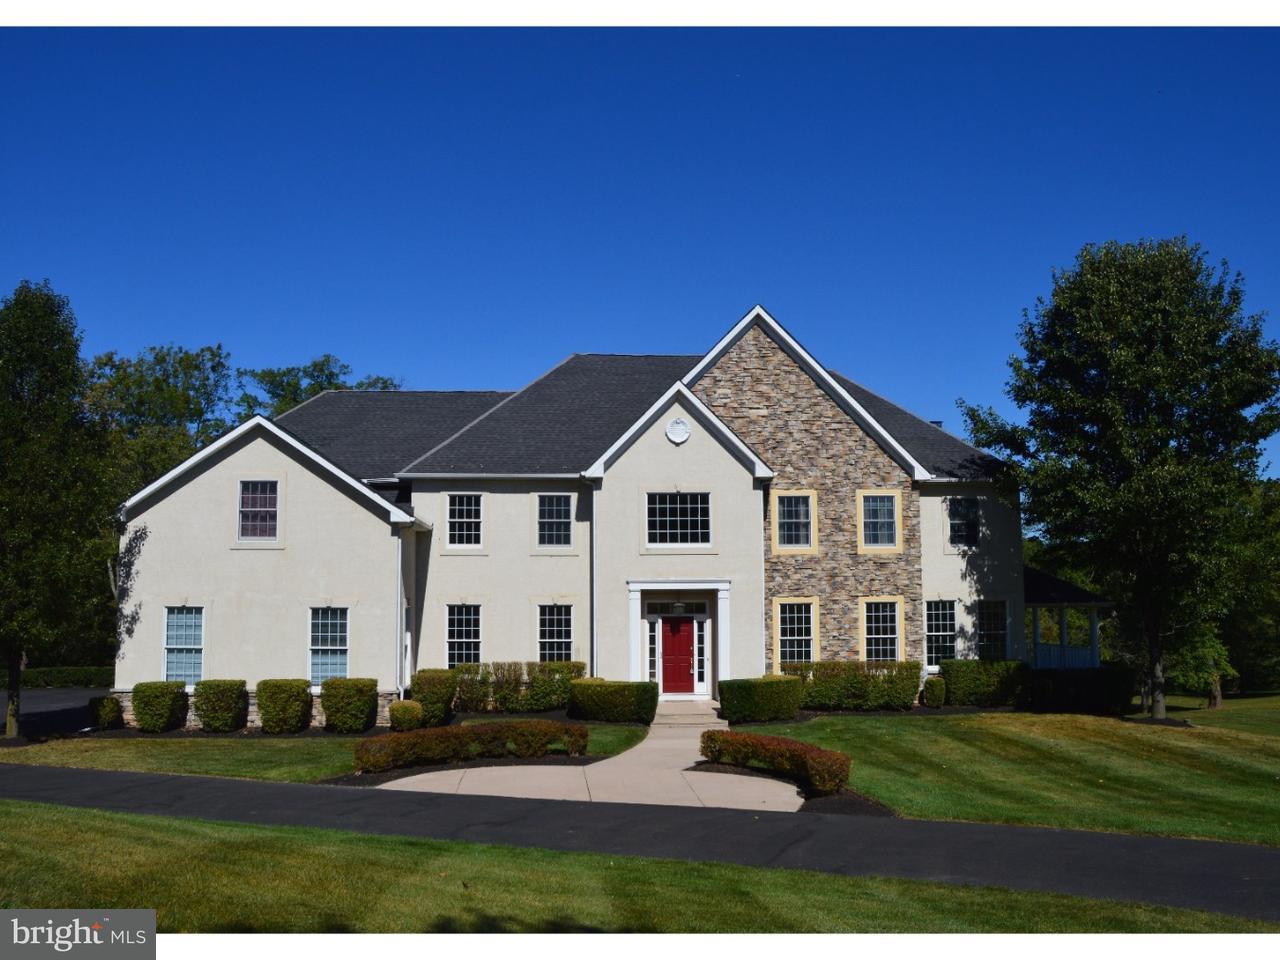 独户住宅 为 出租 在 20 BROOKS BEND Drive 新希望镇, 宾夕法尼亚州 18938 美国